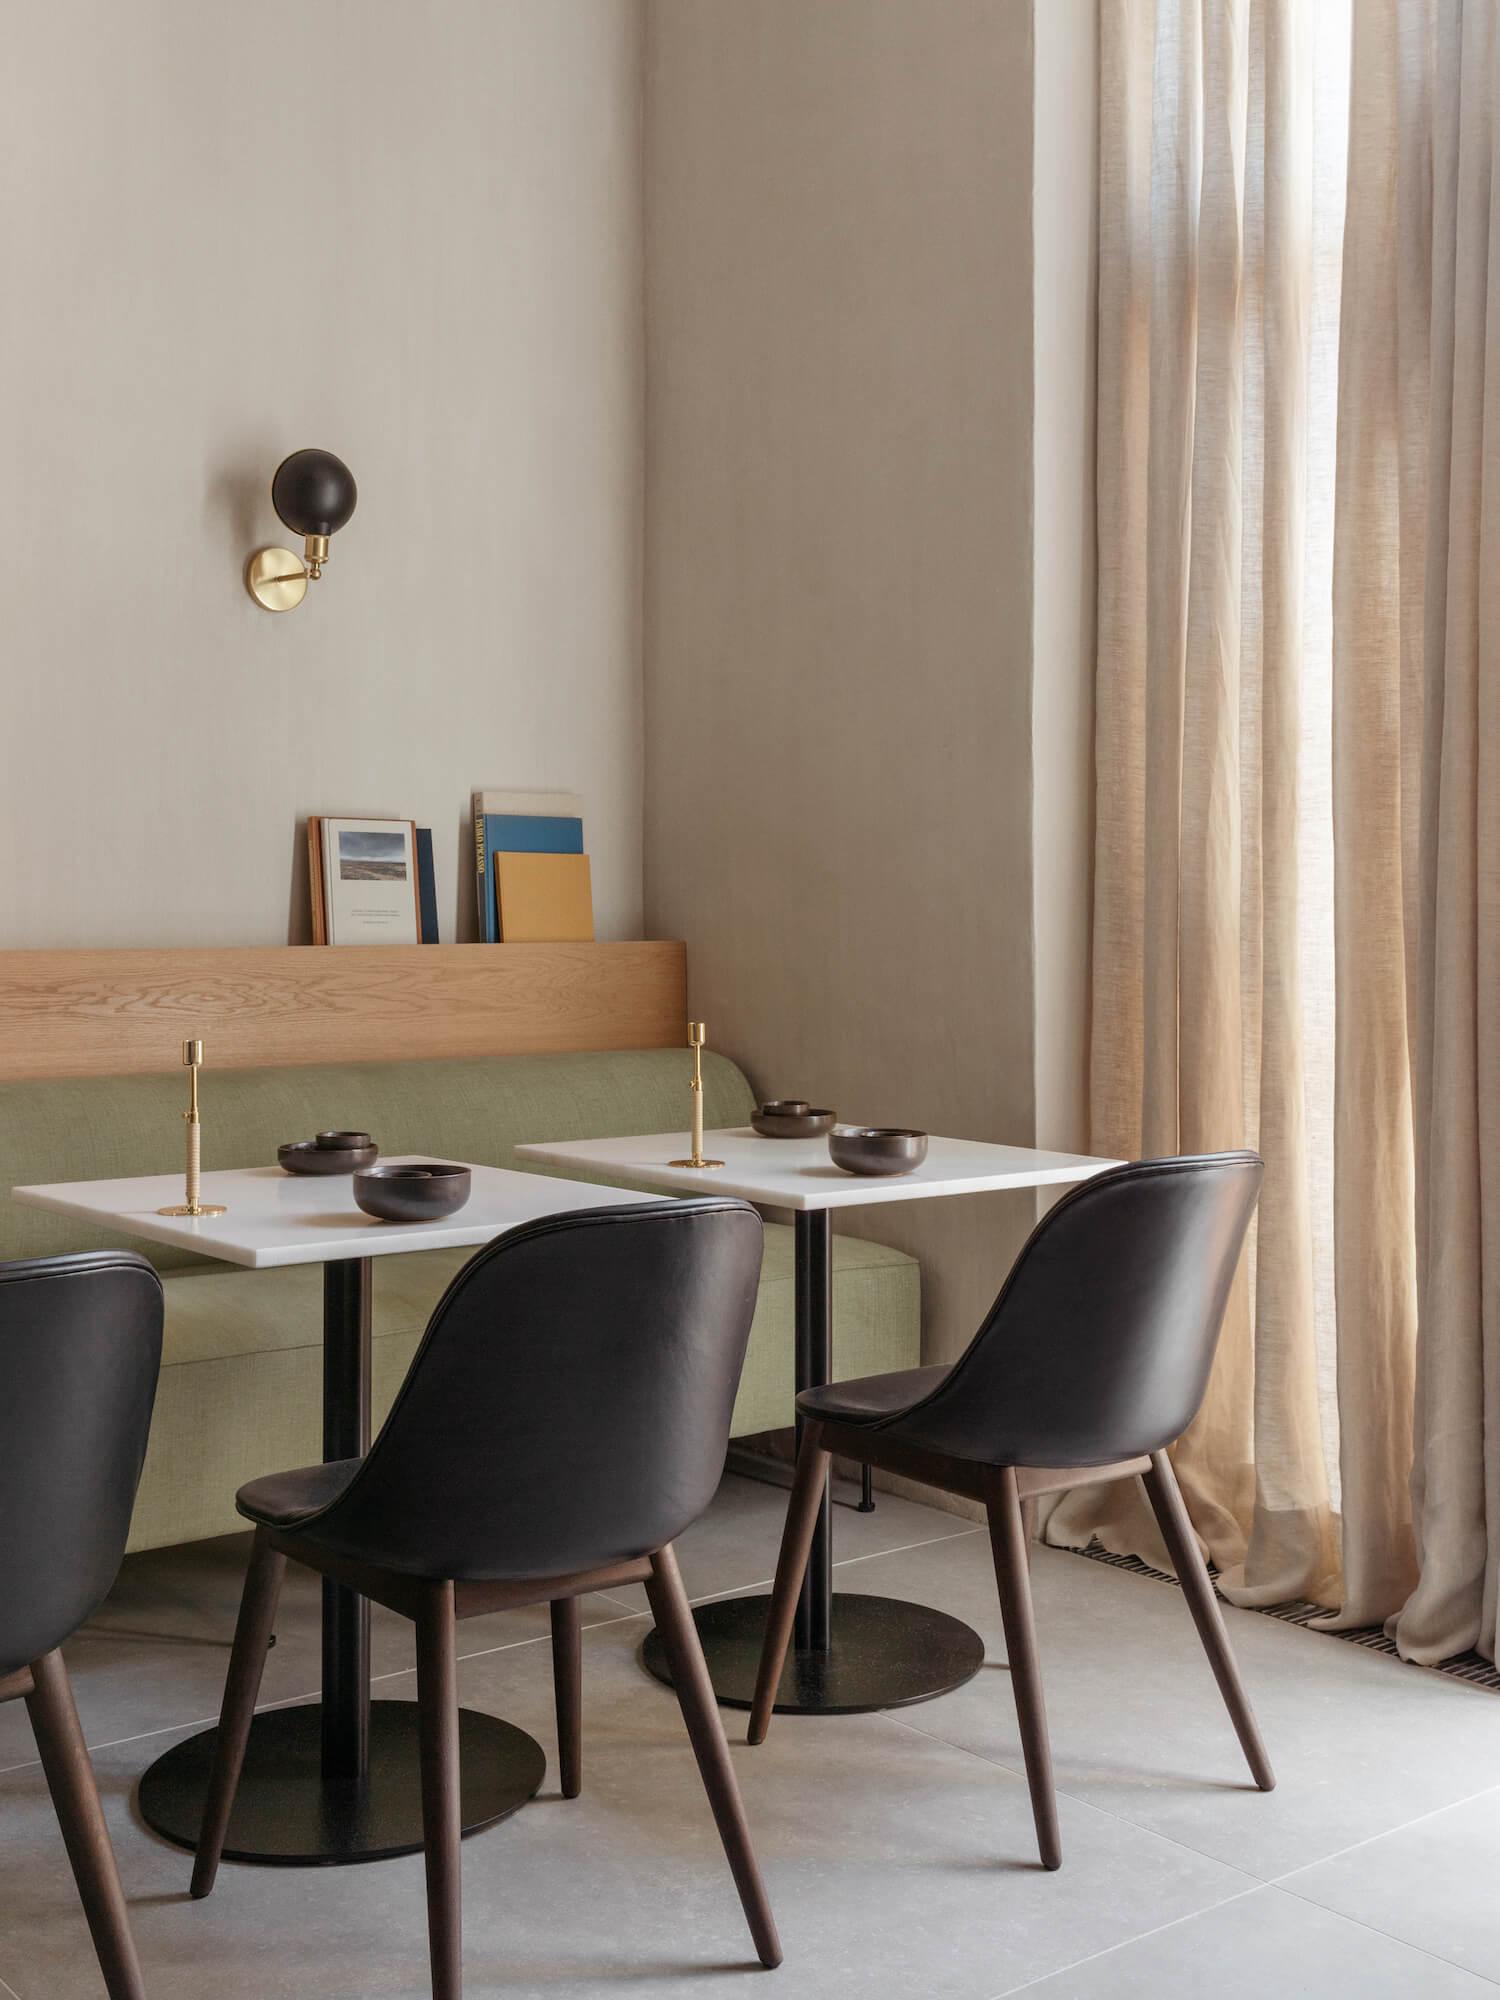 est living the audo norm architects menu 6